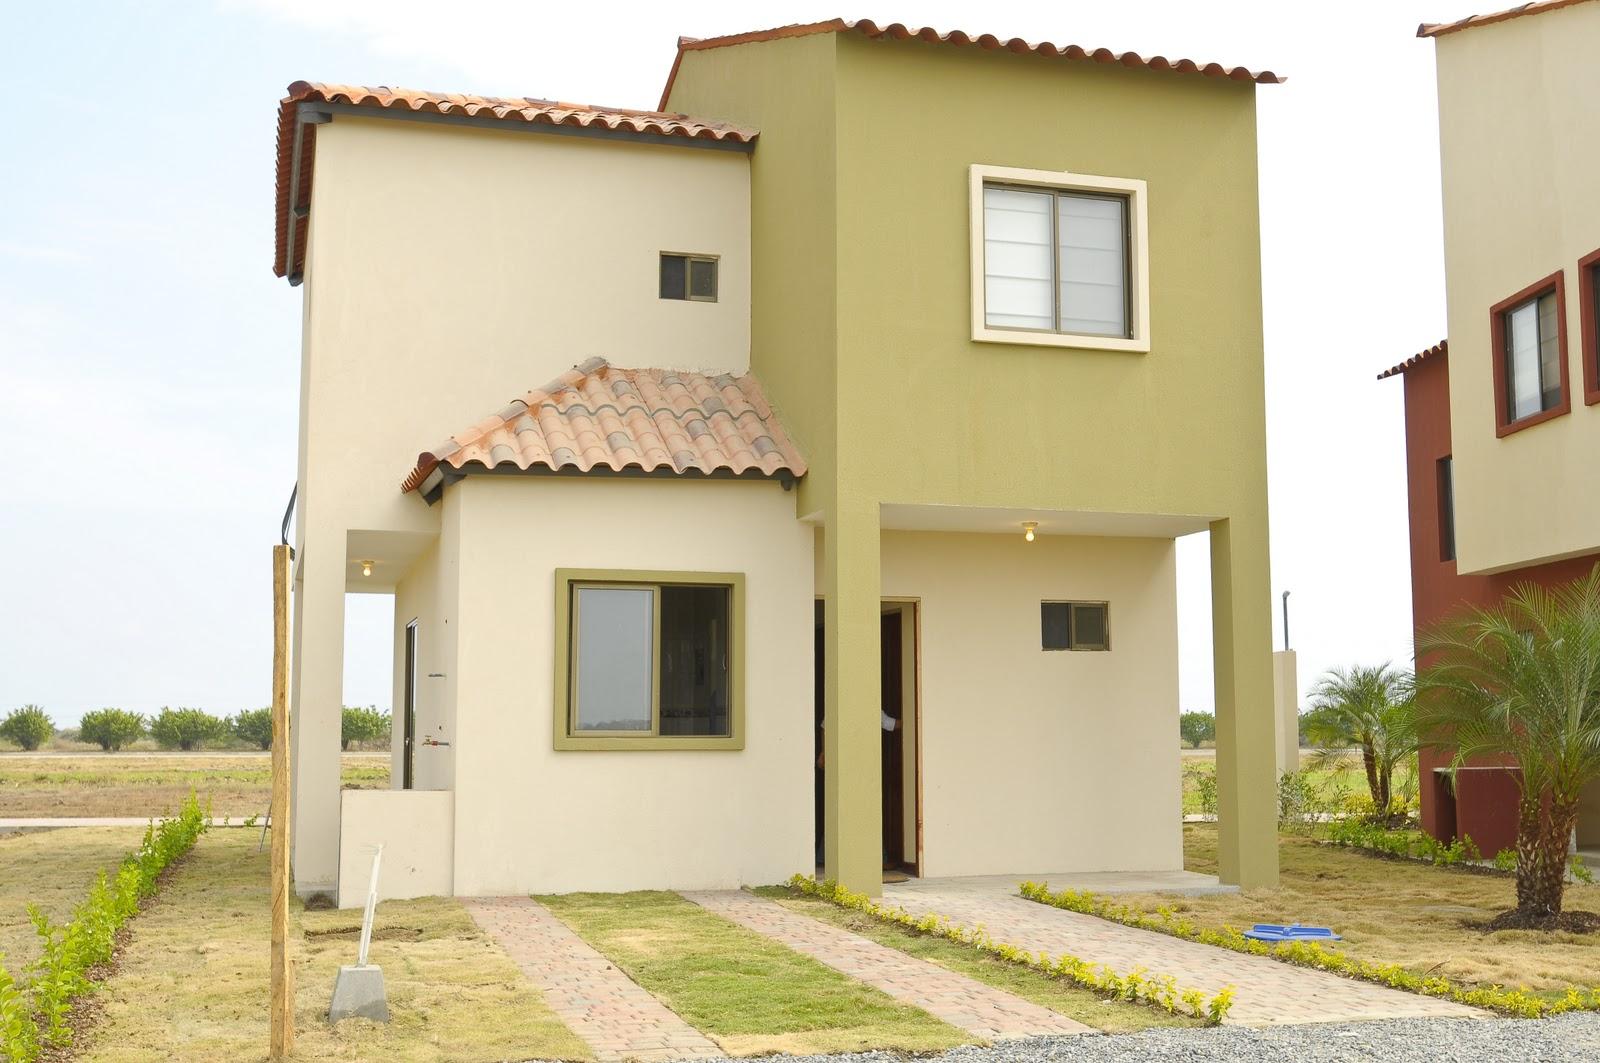 La nueva gran ciudad modelos de viviendas for Modelos de viviendas